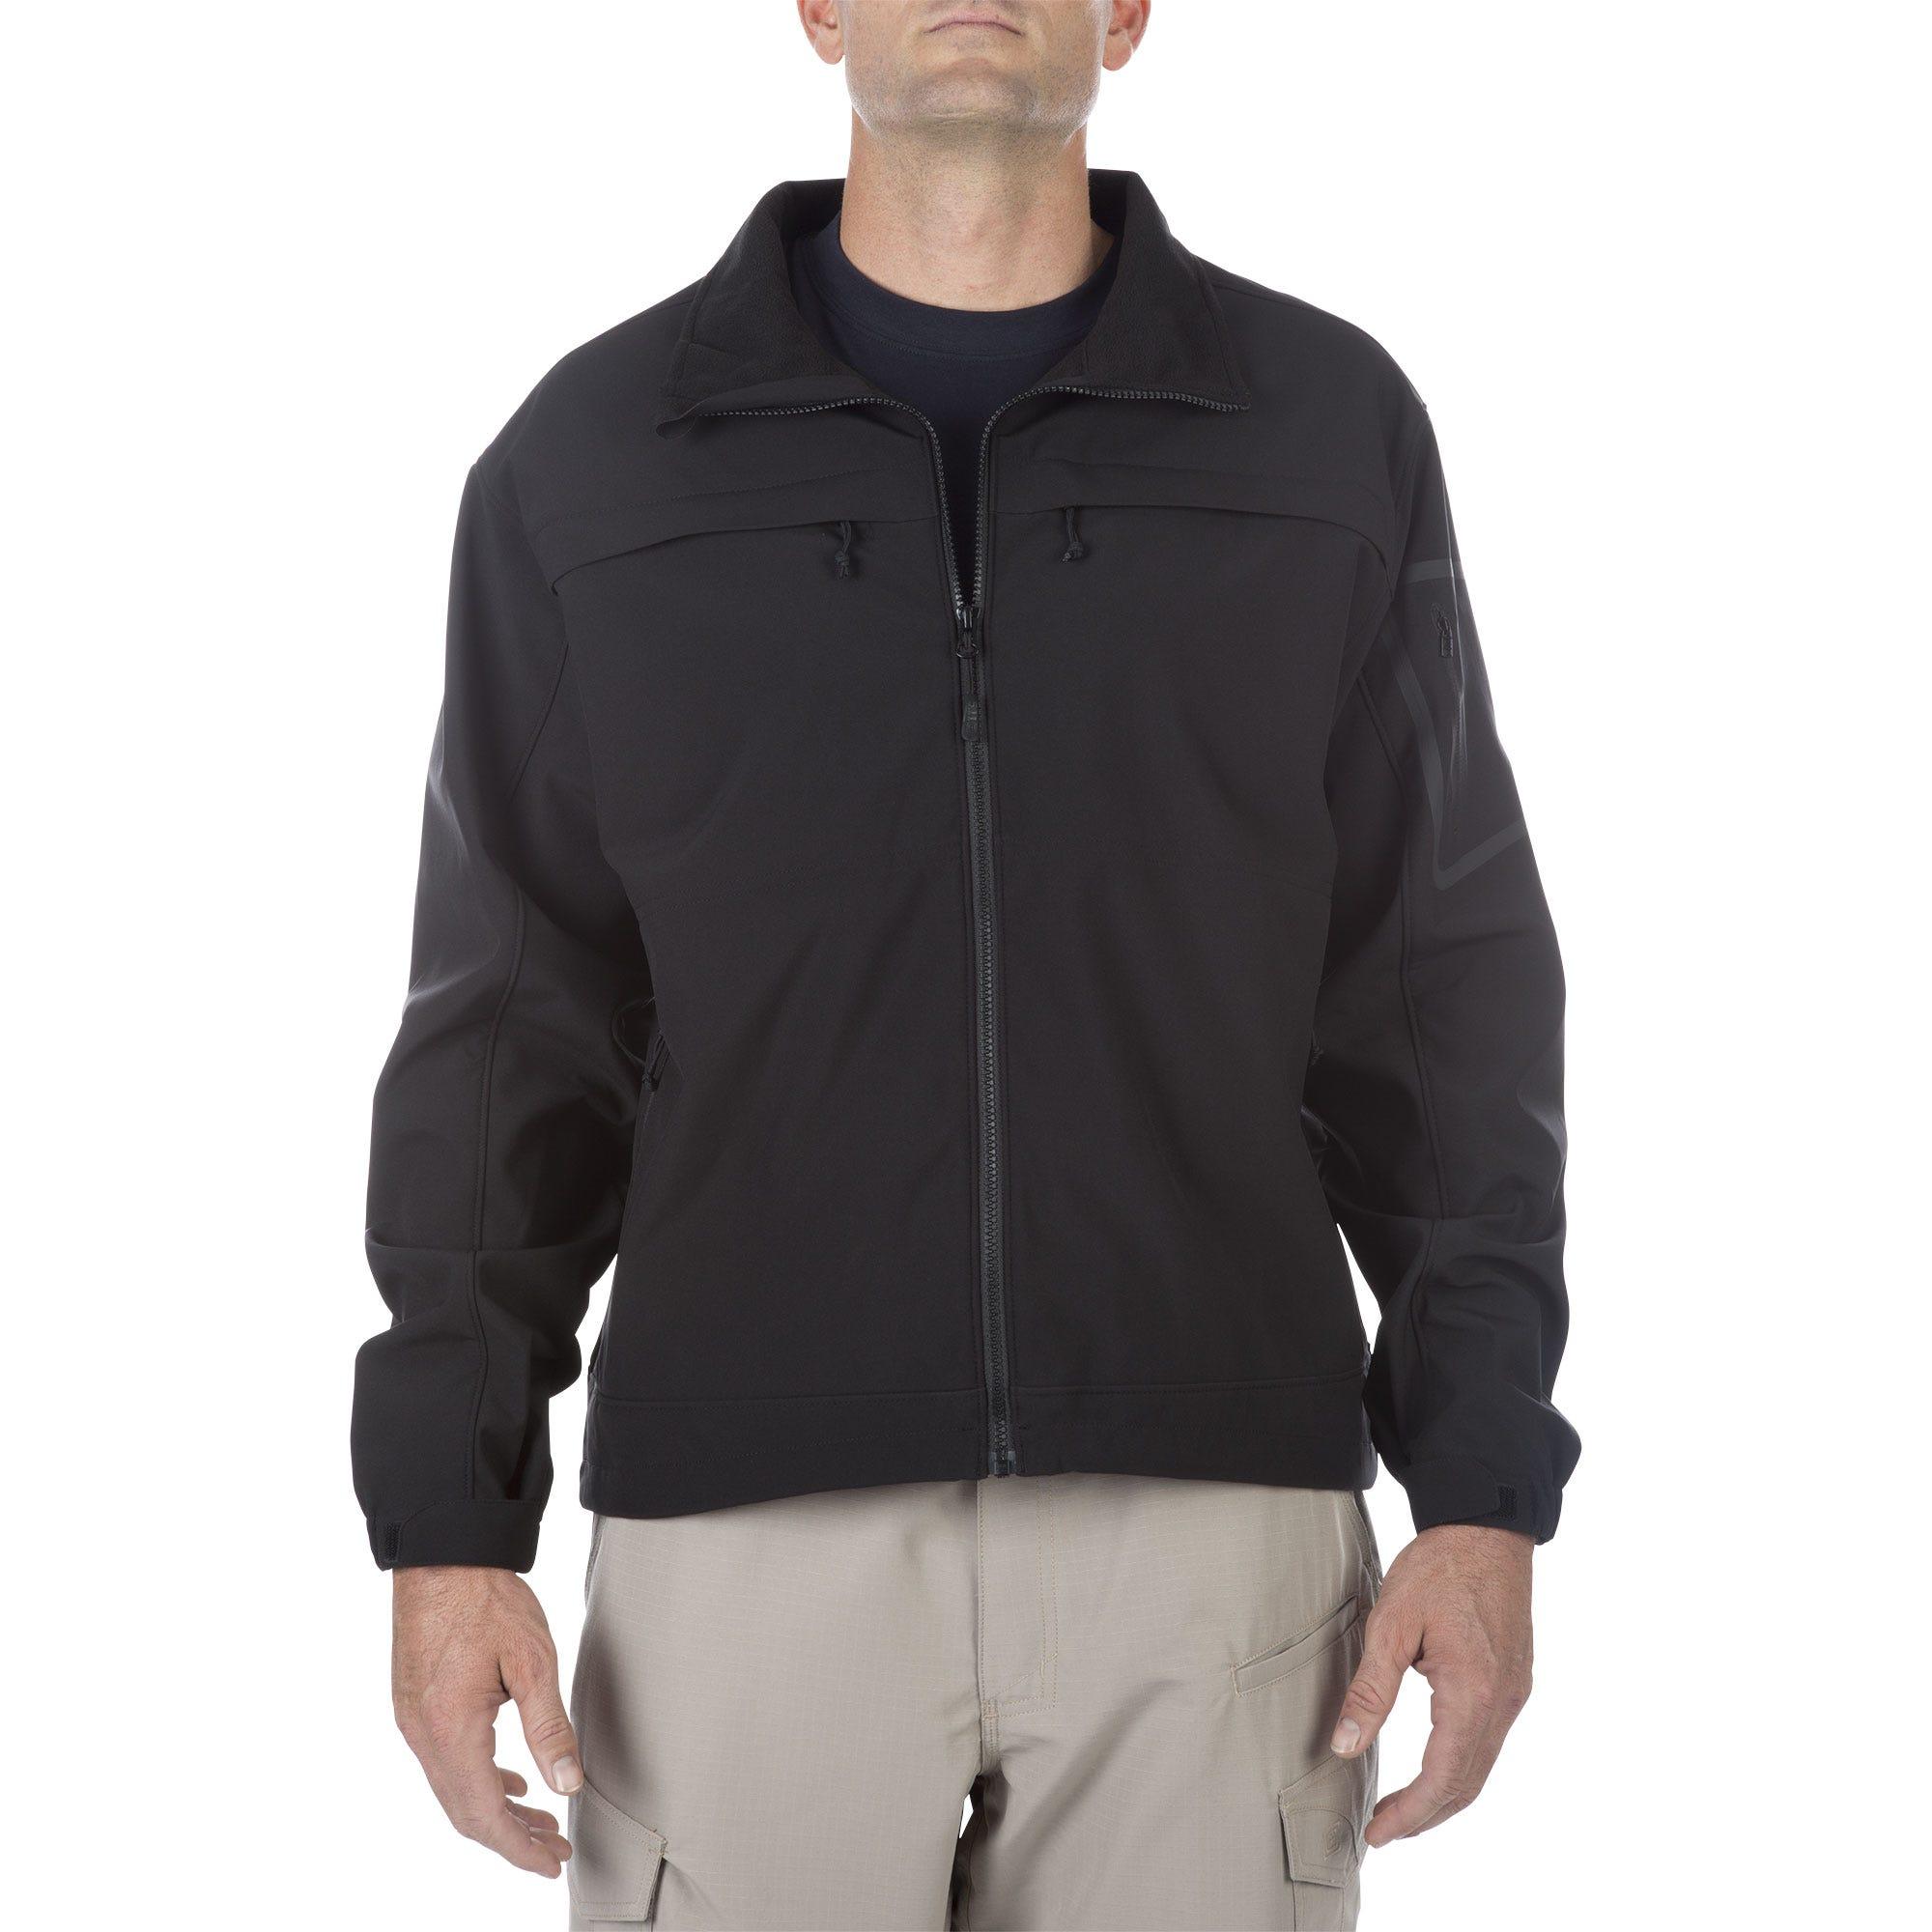 5.11 Tactical Men's Chameleon Softshell Jacket (Black)